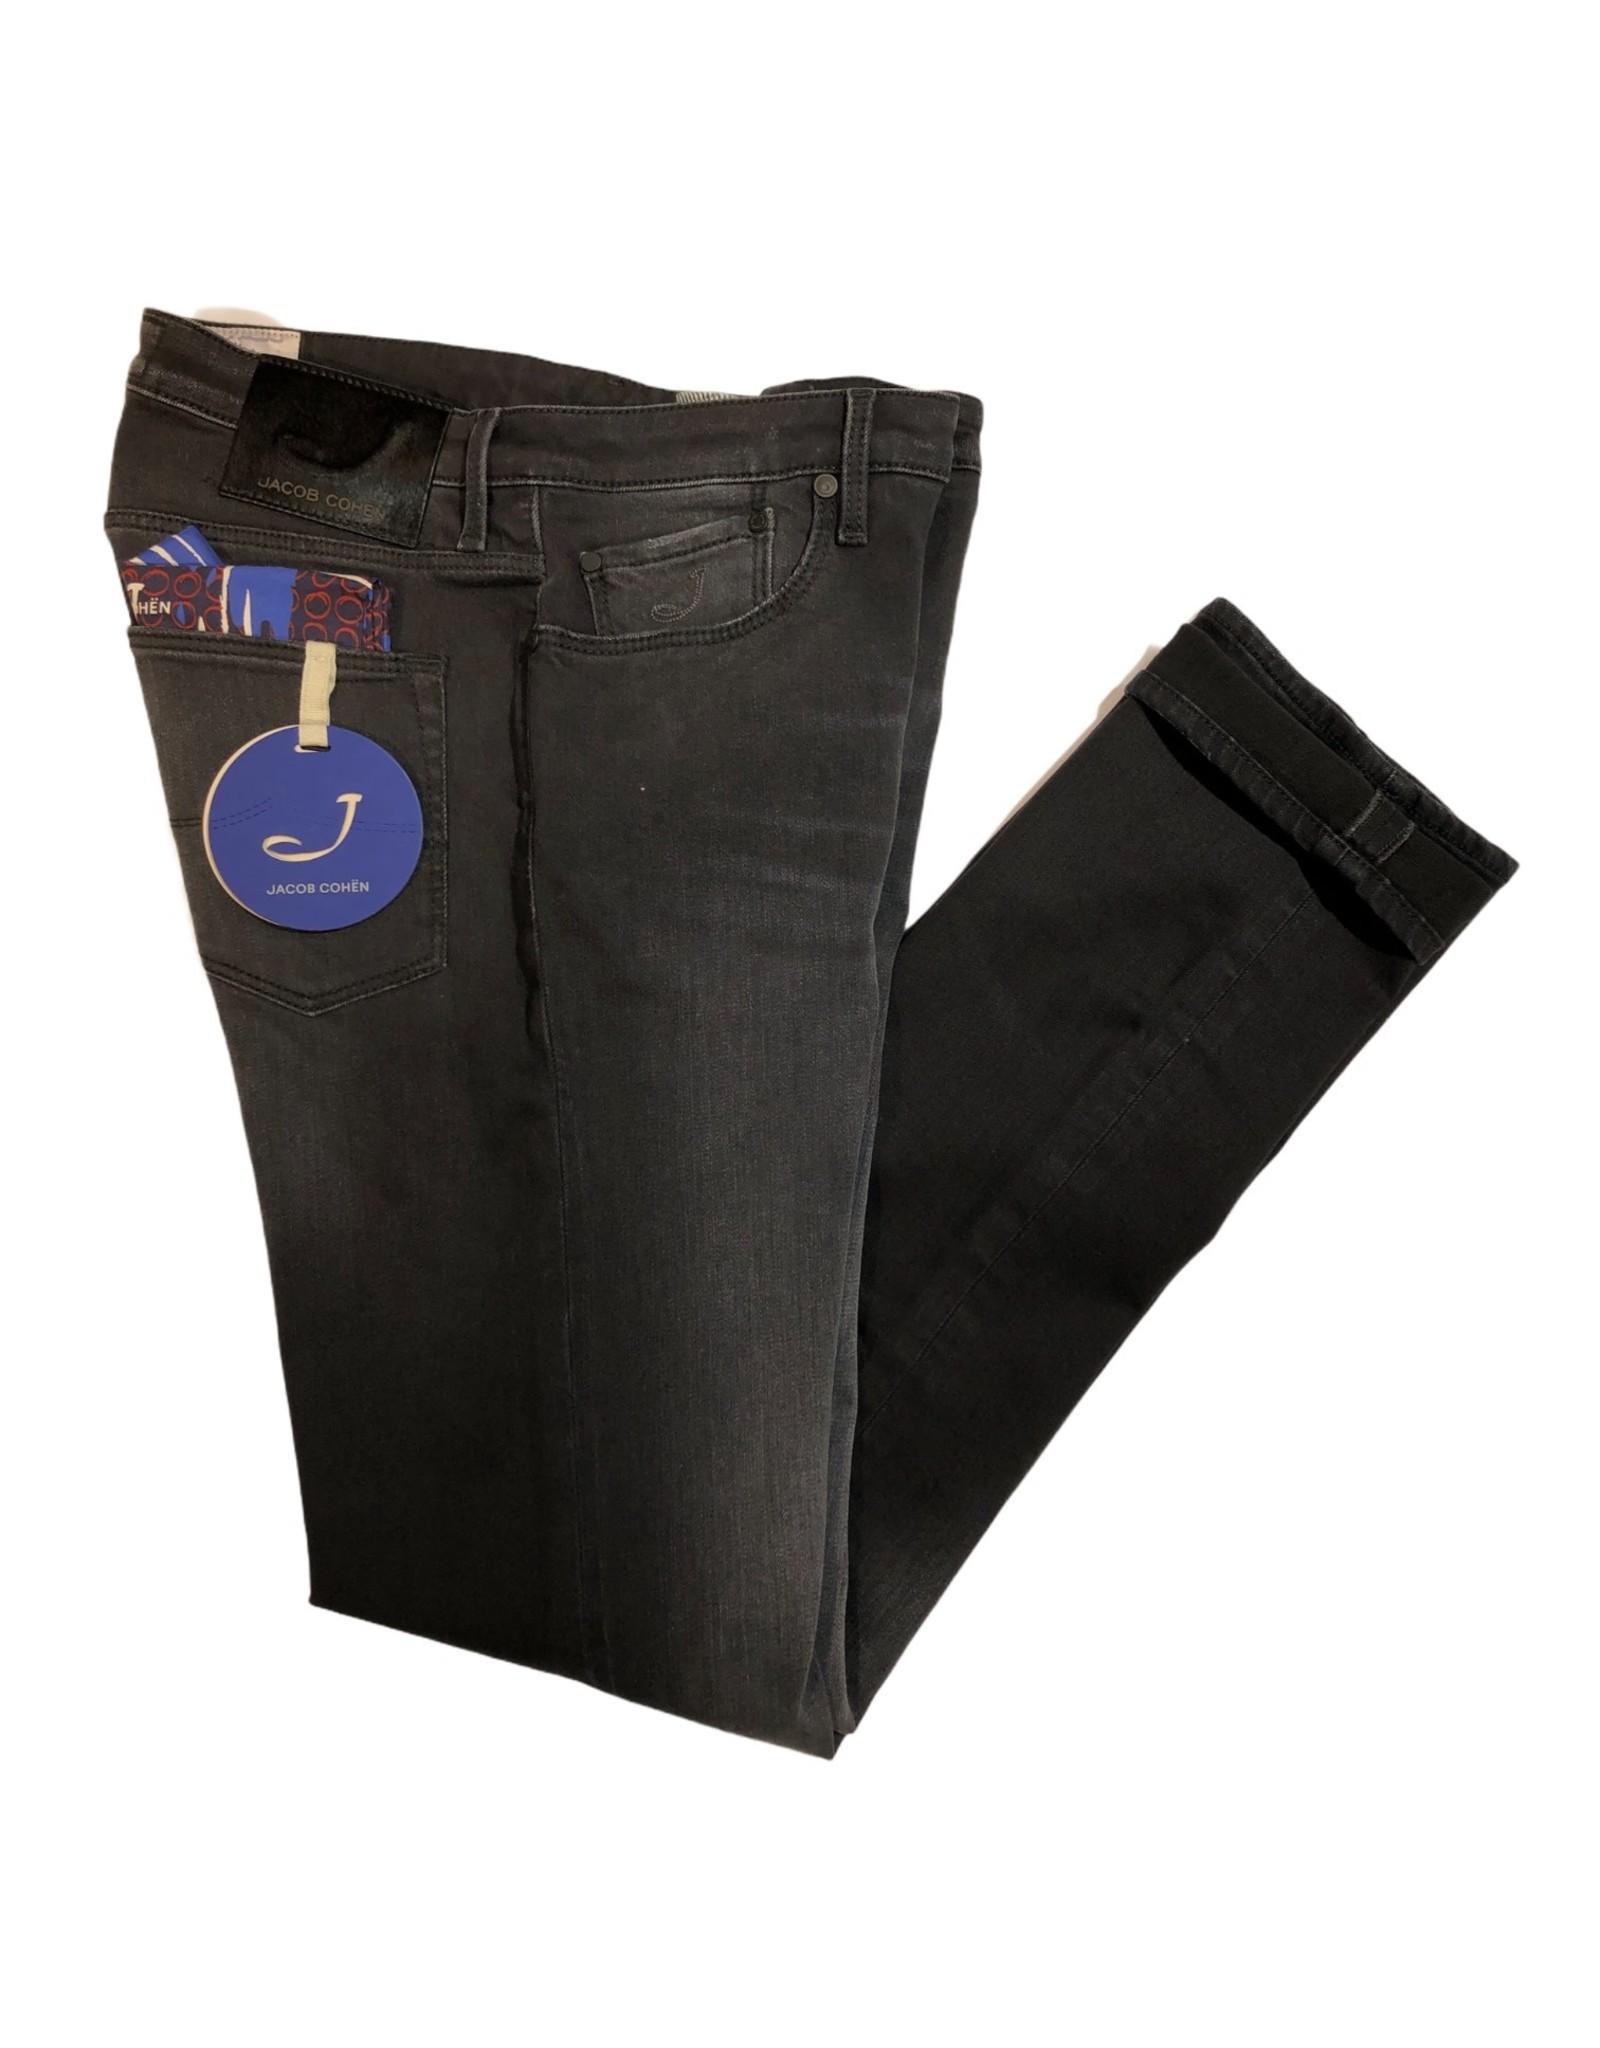 JACOB COHEN JACOB COHEN Jeans J696 COMF 1789